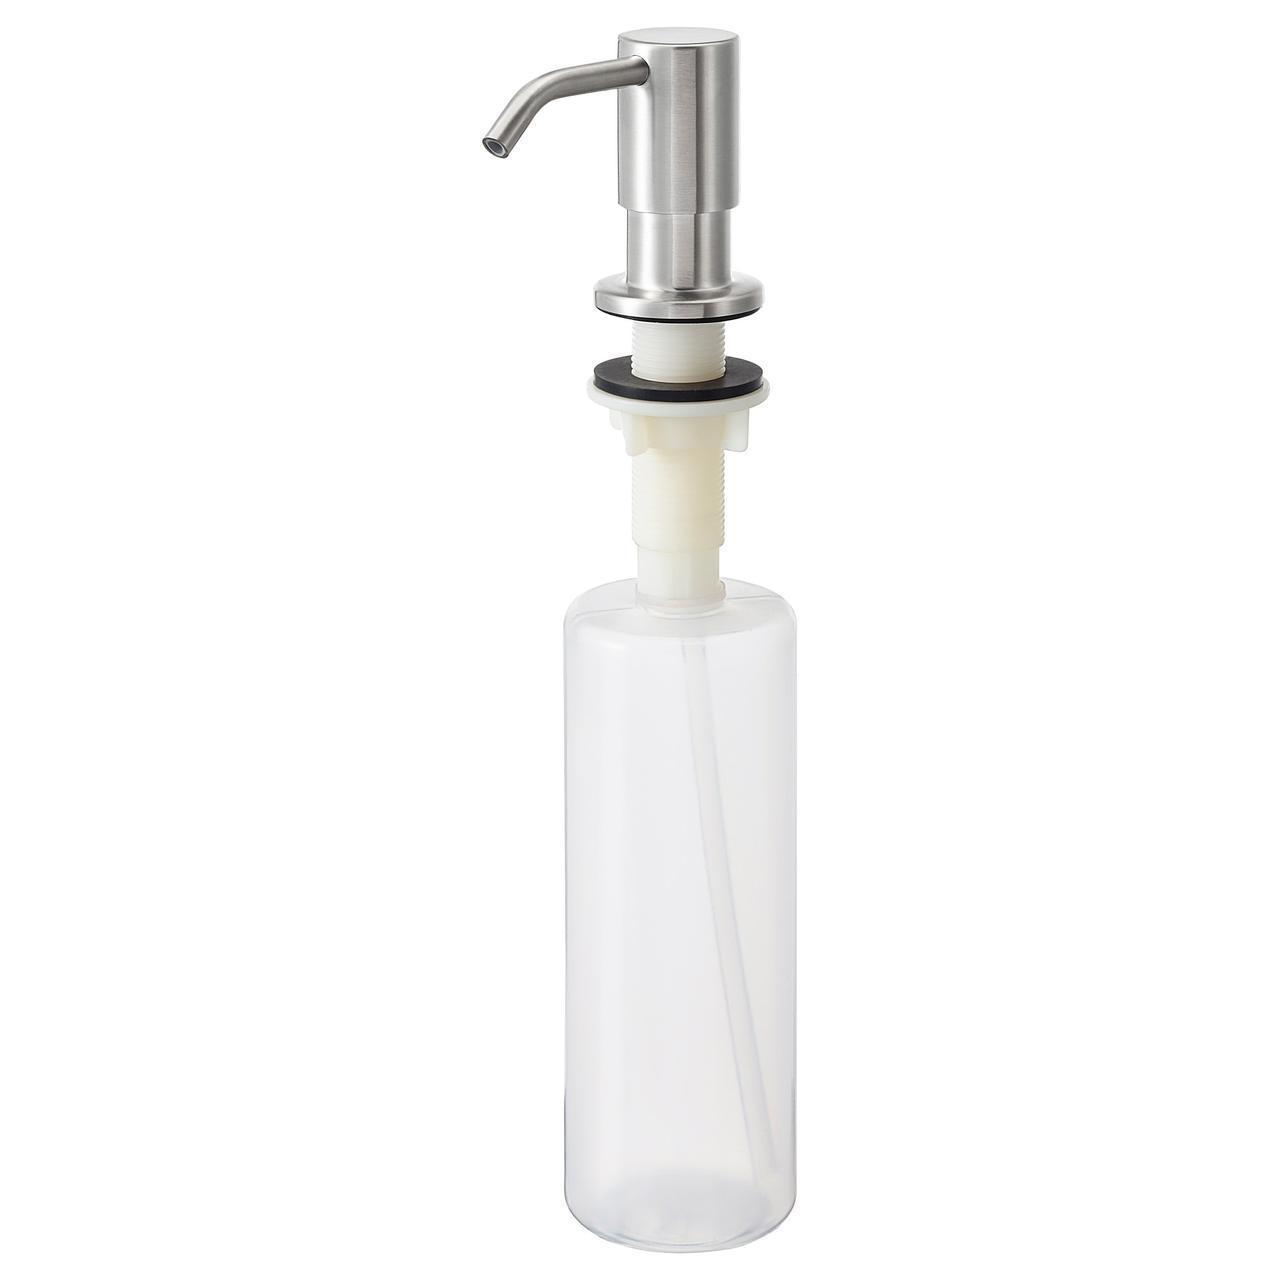 Дозатор для жидкого мыла IKEA KNIPEN 500 мл нержавеющая сталь 703.417.22